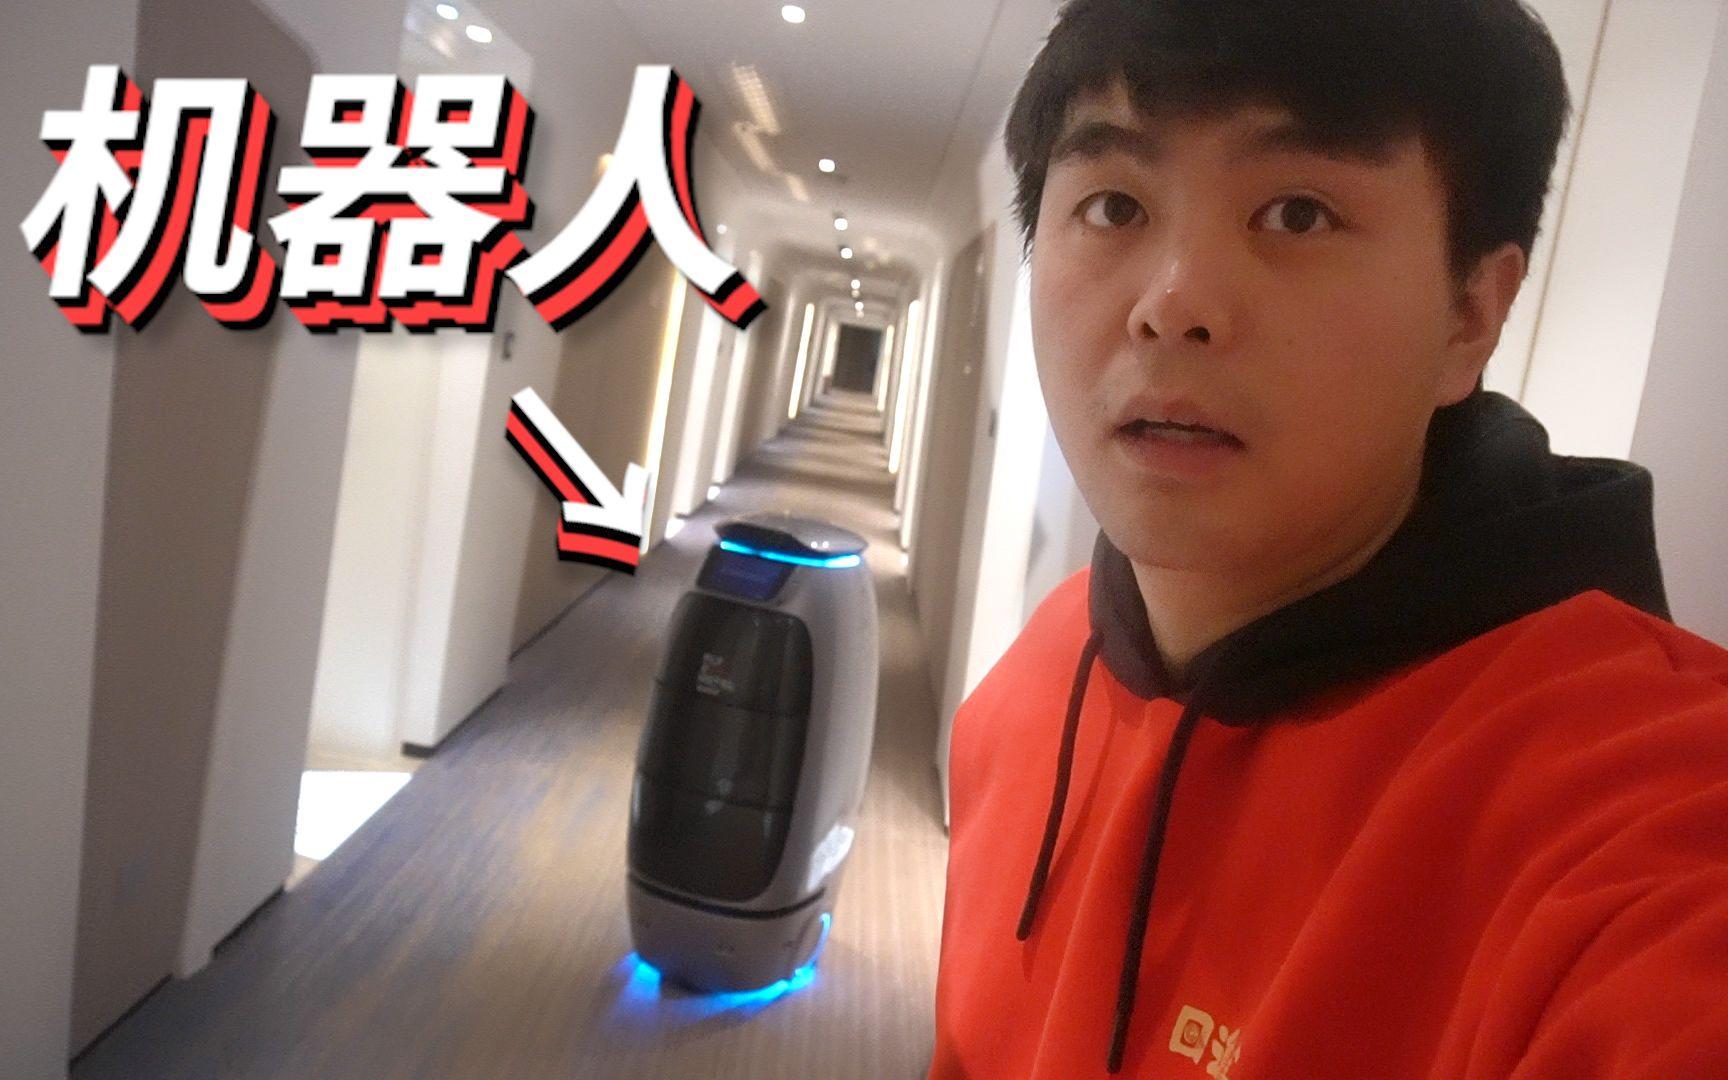 探访马云开的未来酒店,满满都是黑科技,感叹人类发展真是太快了